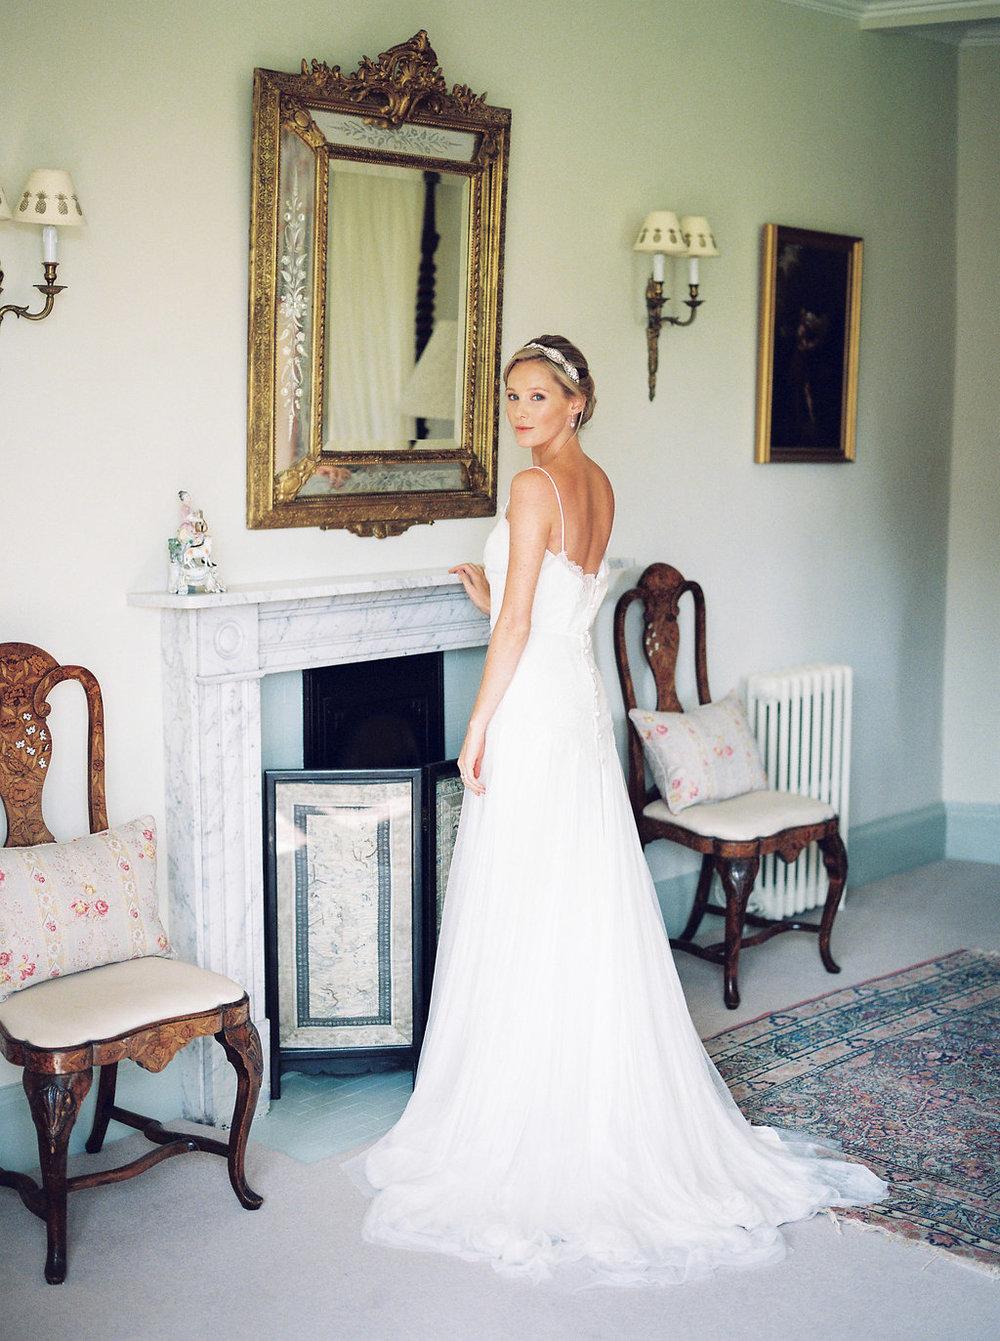 a bride getting ready by imogen xiana